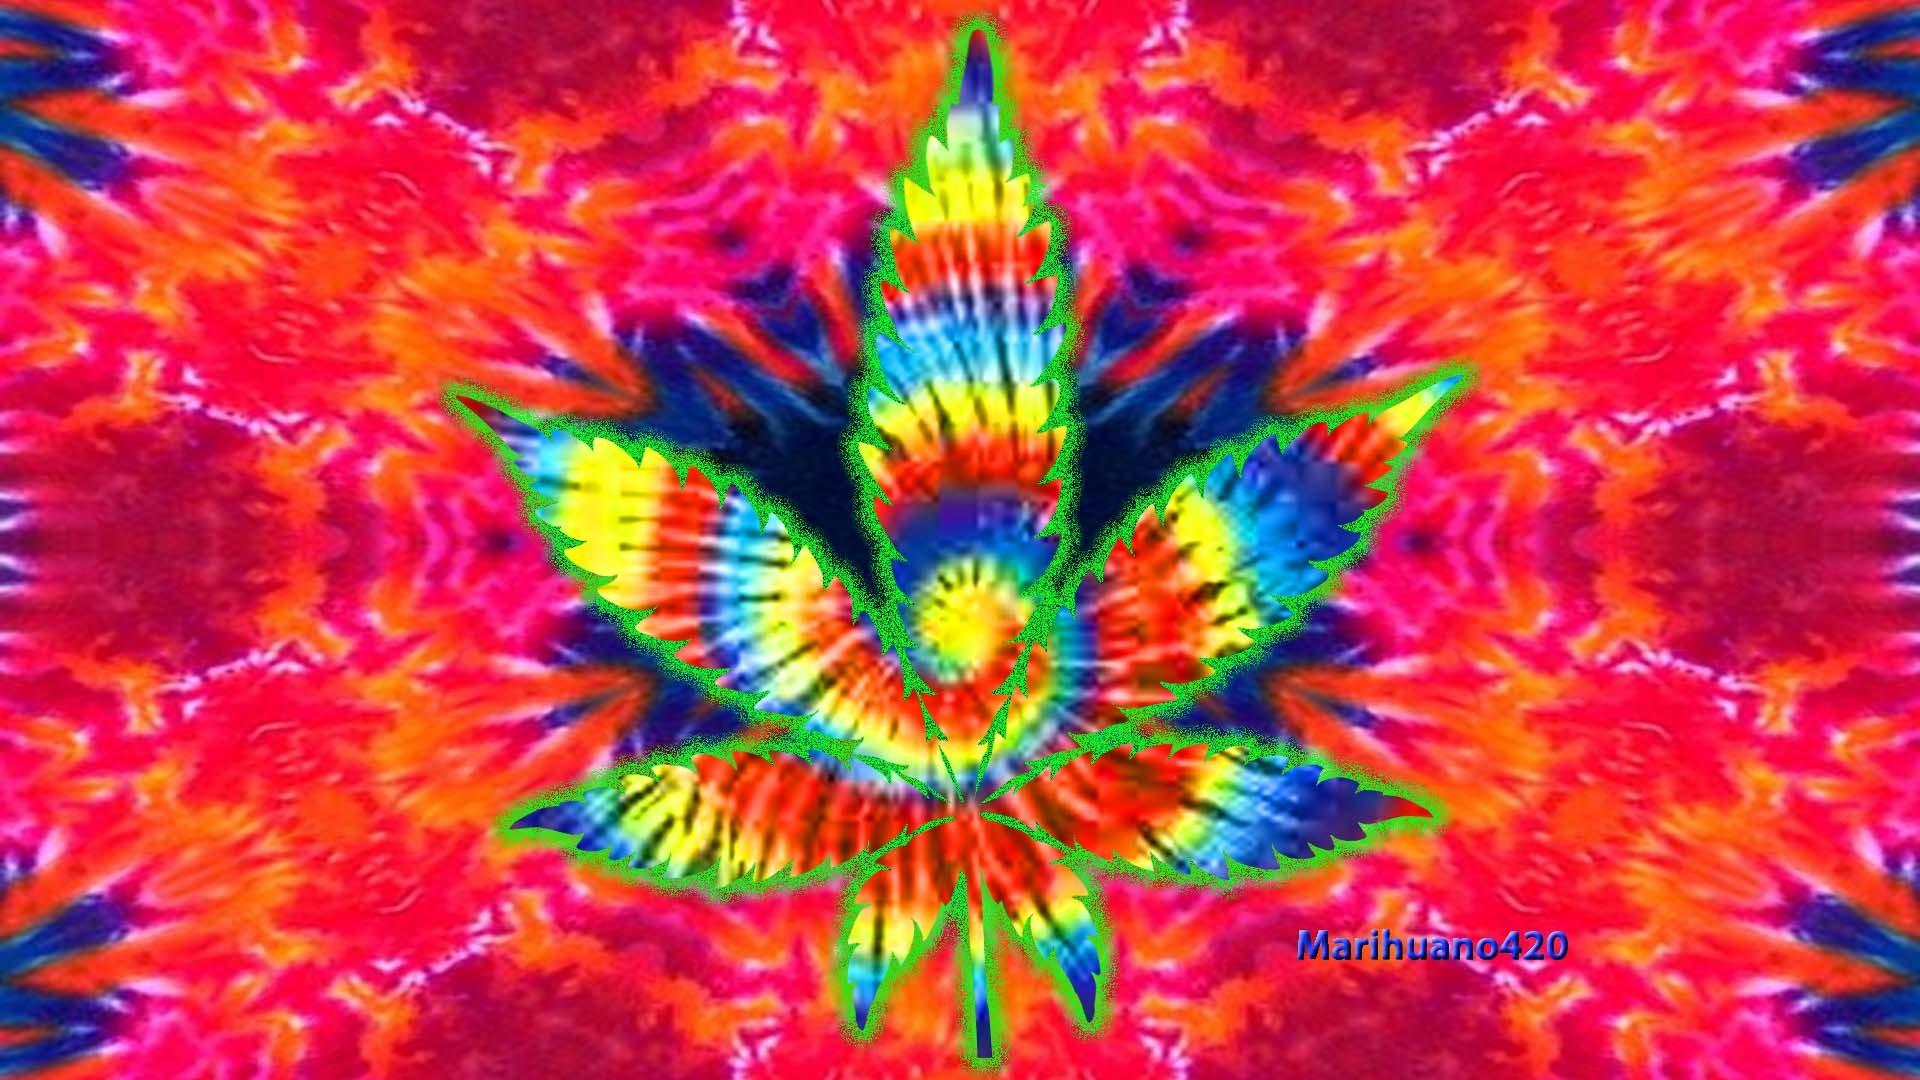 Res: 1920x1080, Hippie Wallpaper Weed wallpaper Hippie Wallpaper Weed hd wallpaper